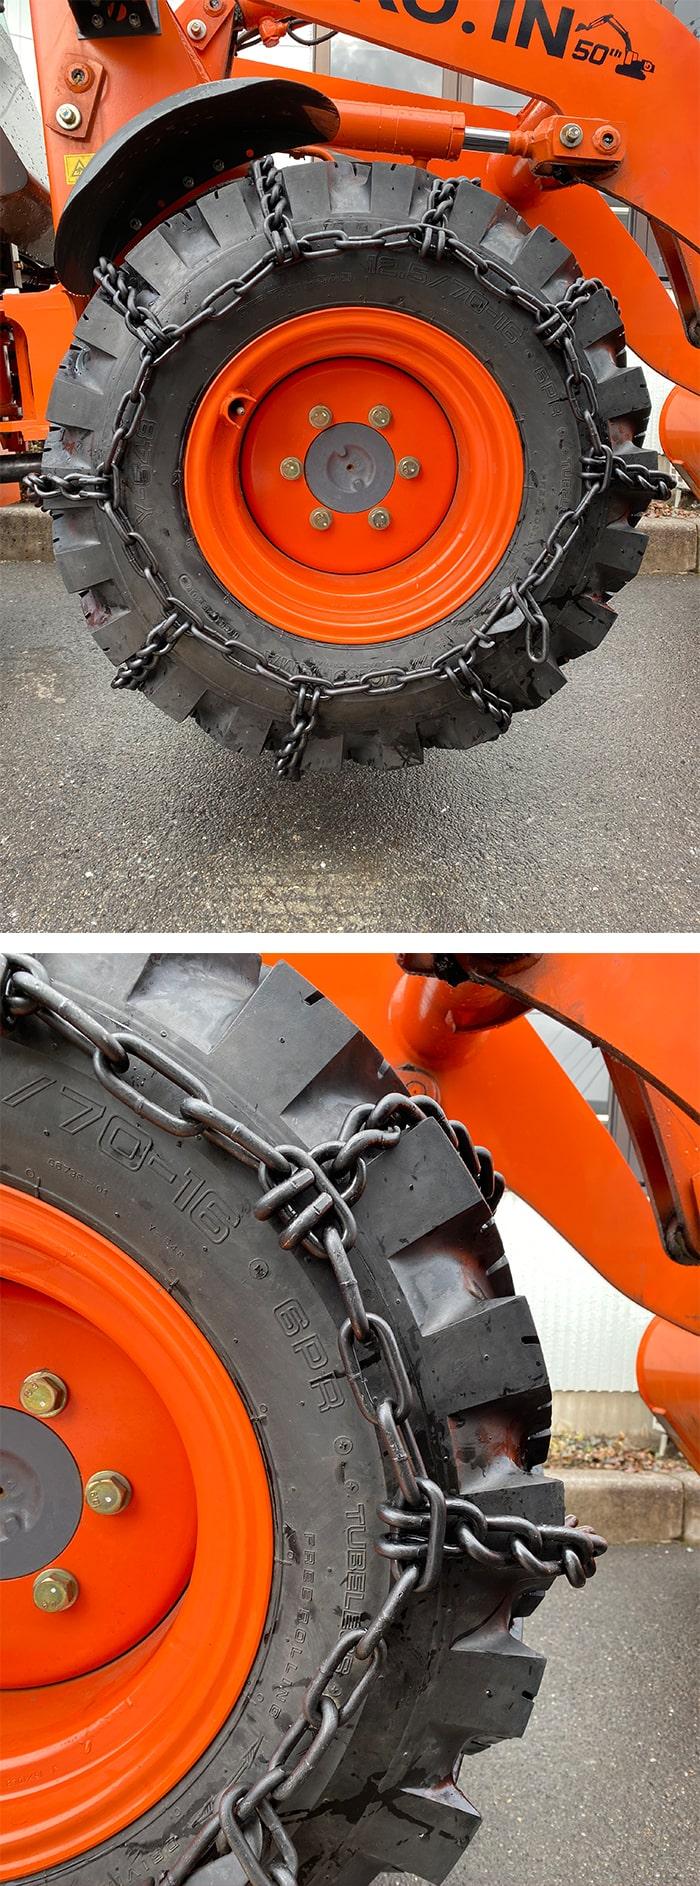 ベストロング建設機械用タイヤチェーンスタンダード